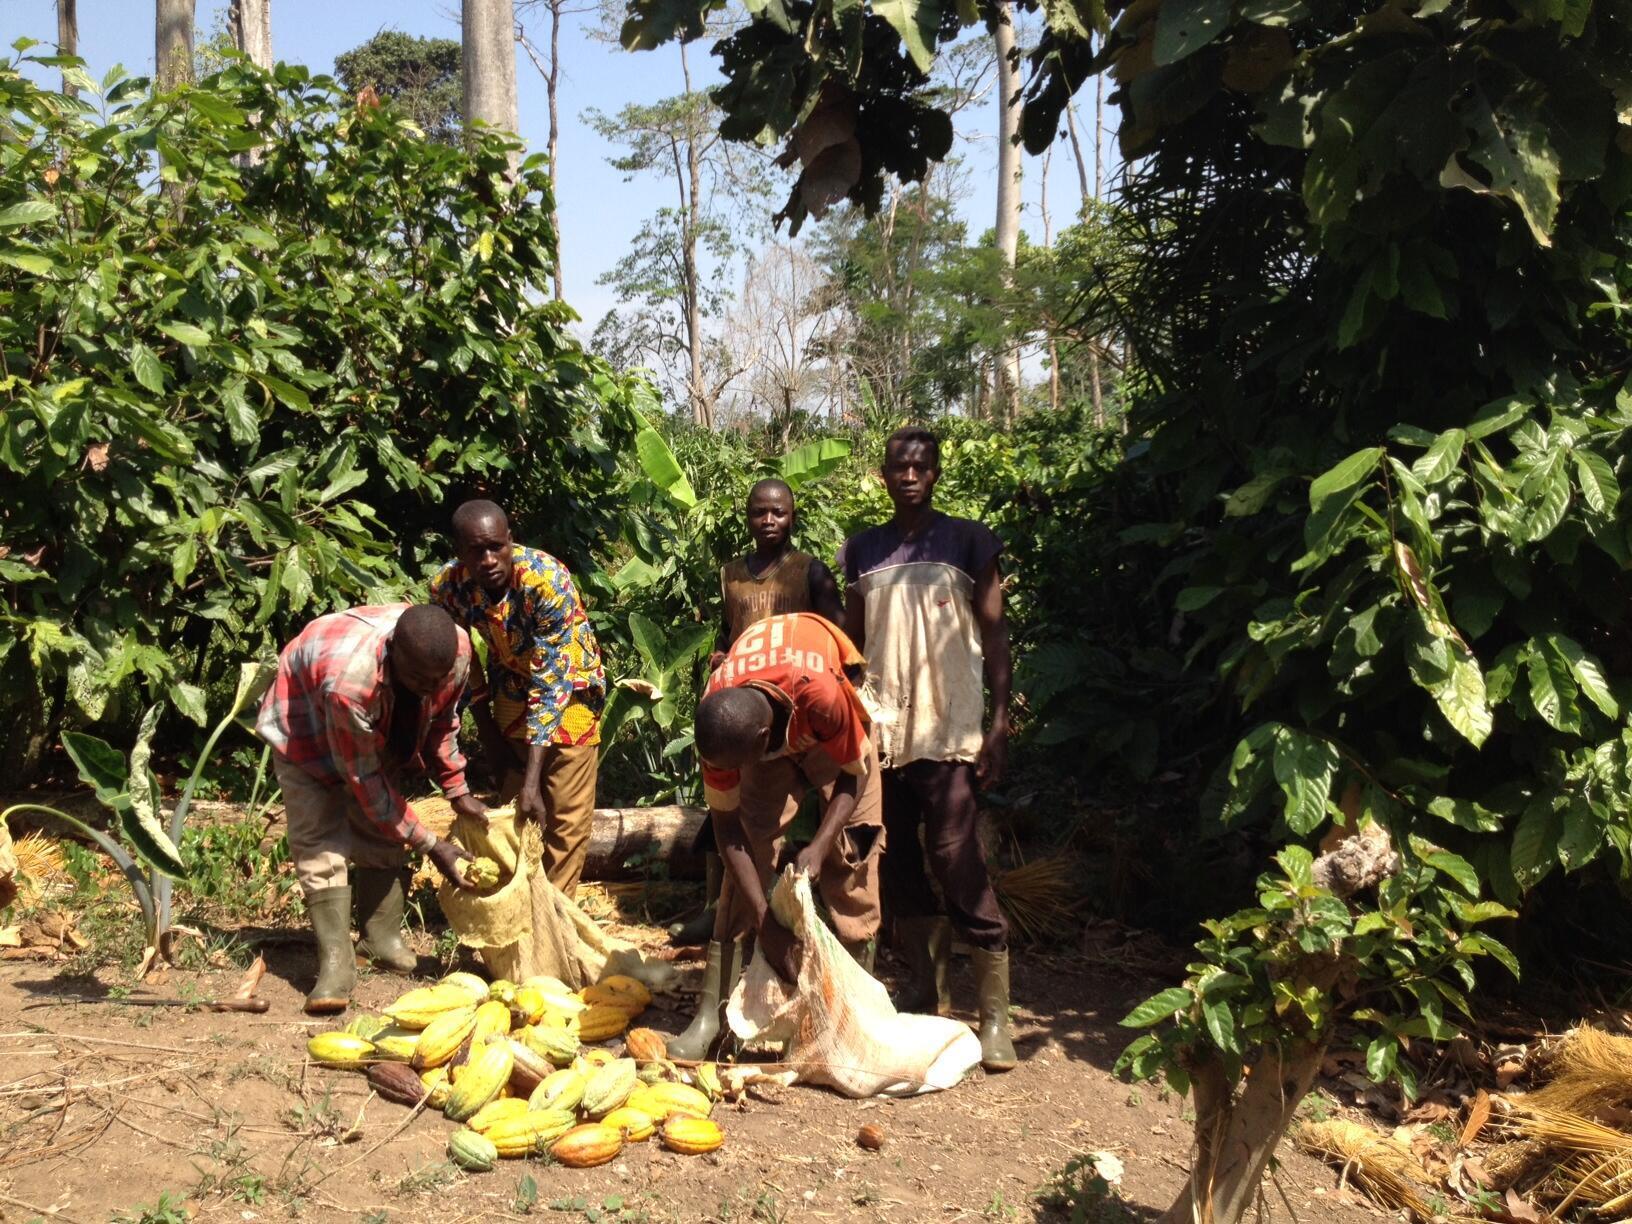 La Côte d'Ivoire a perdu 90% de ses forêts depuis l'indépendance en grande partie en raison des cultures de rente.